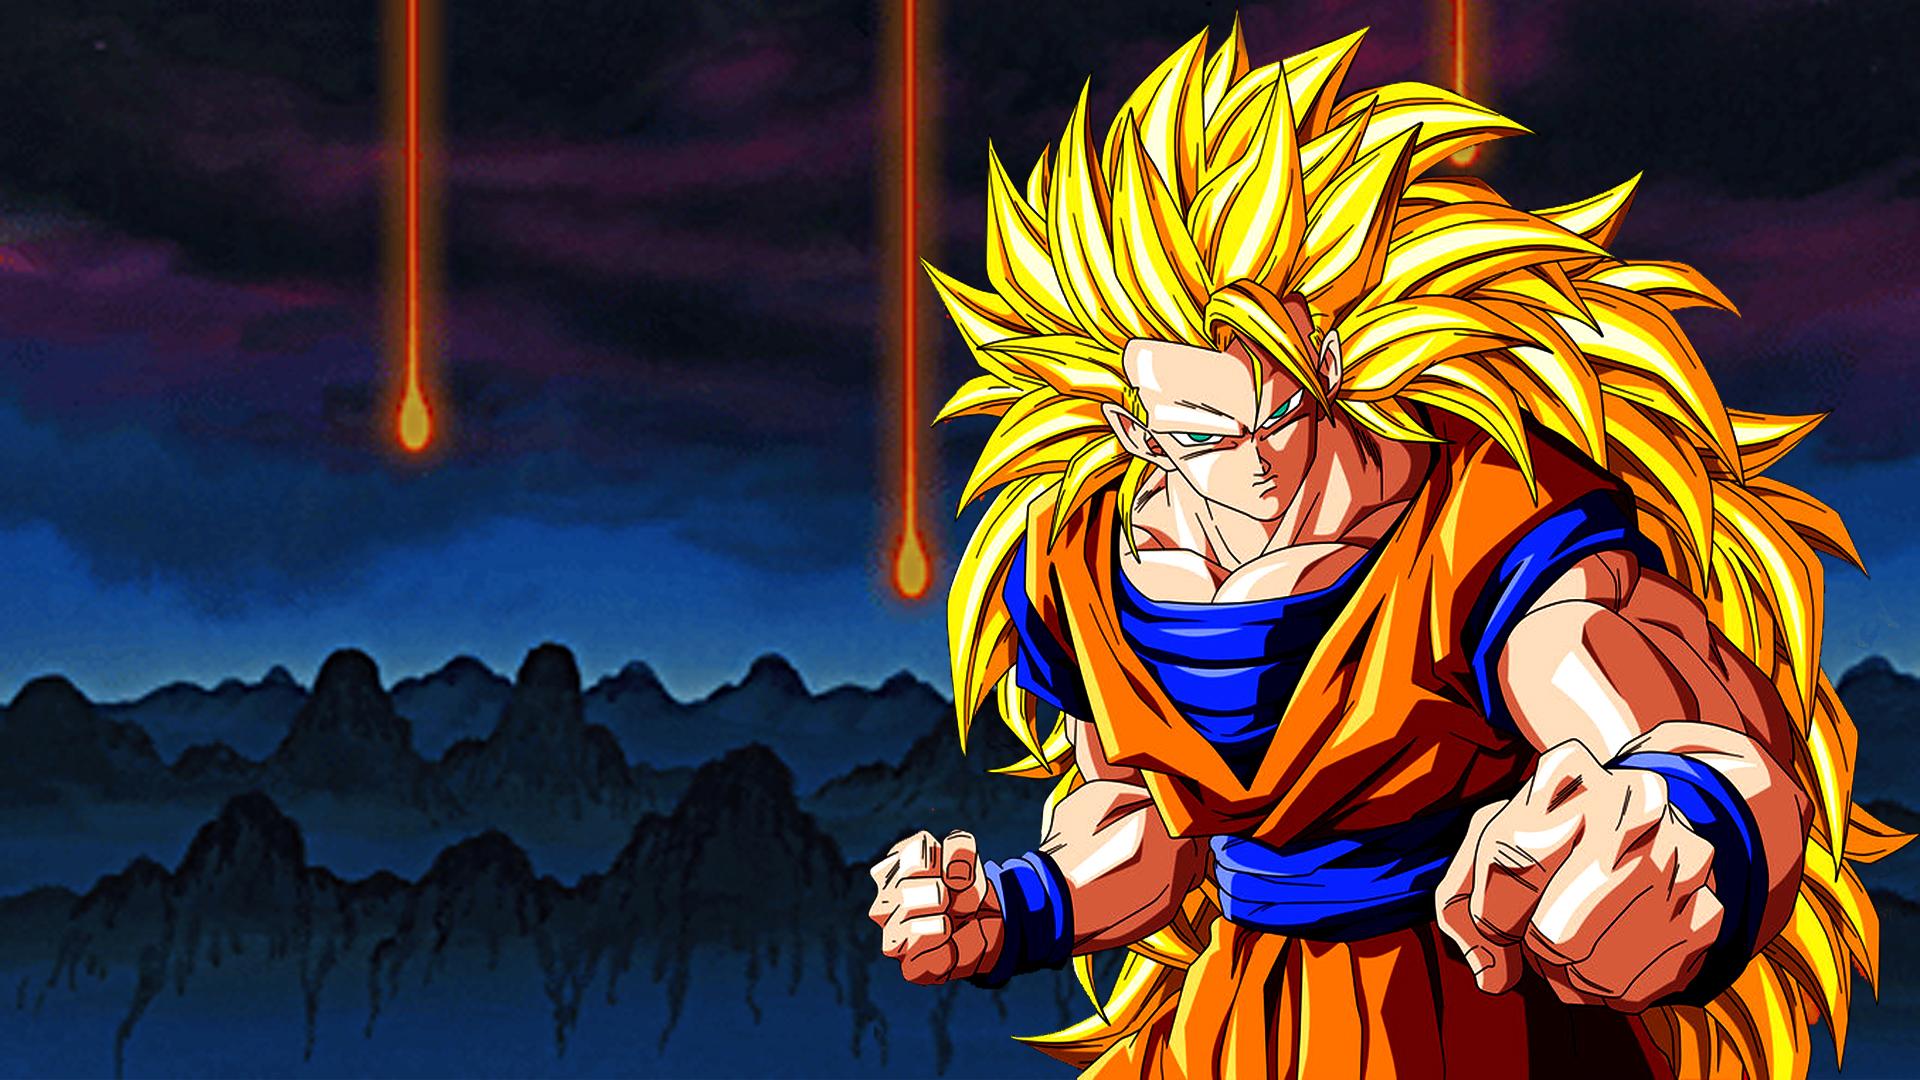 Colección De Fotos De Goku Super Saiyan 4 Para Tu Pantalla